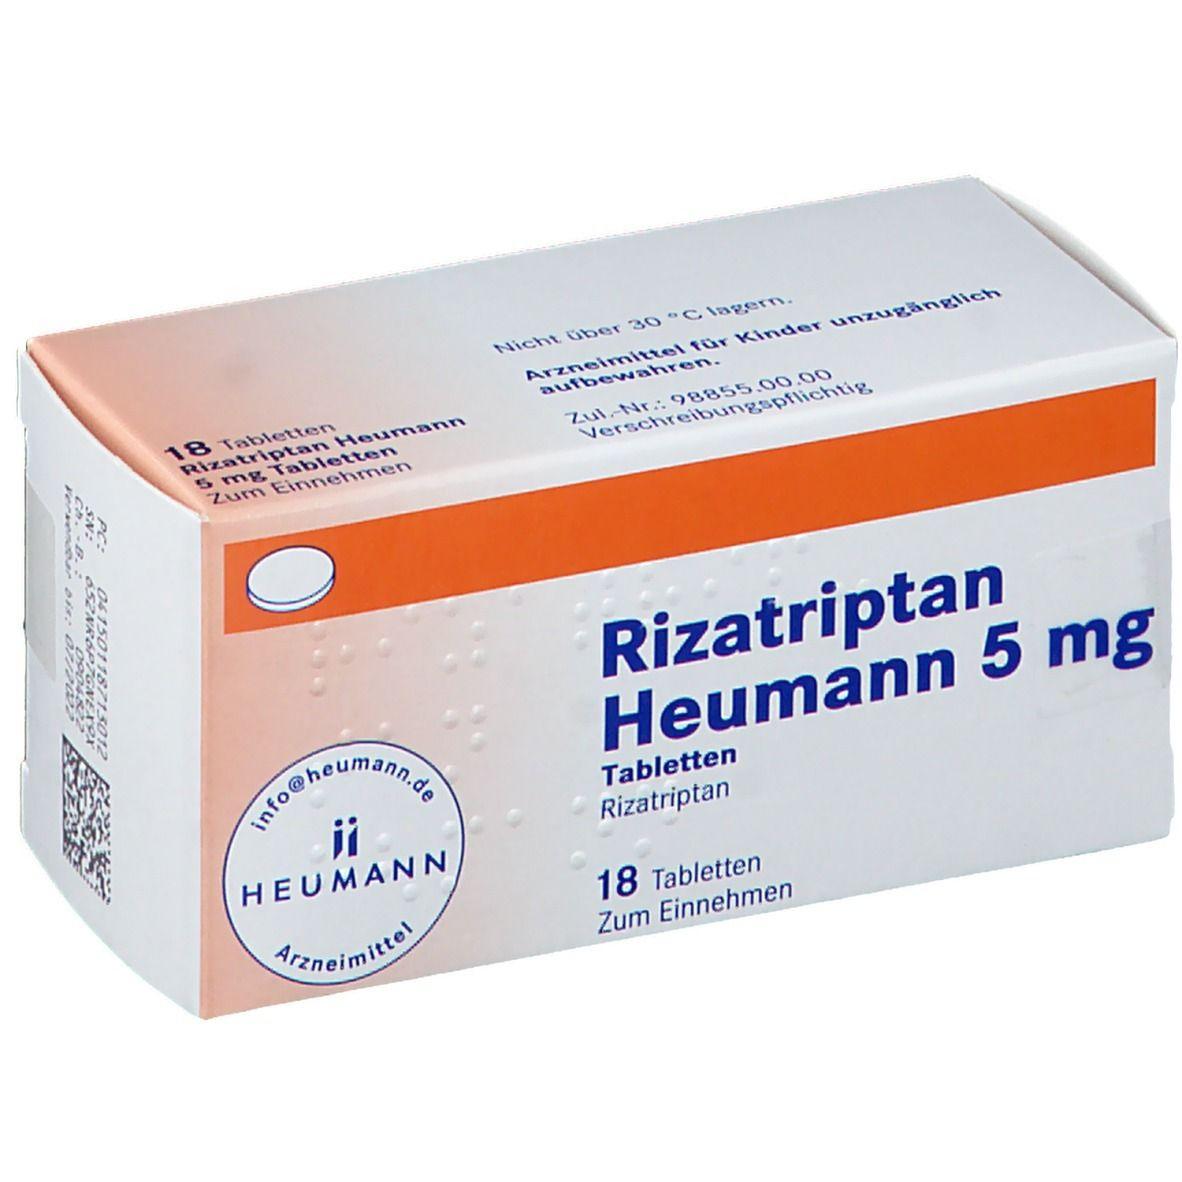 Rizatriptan Heumann 20 mg 20 St   shop apotheke.com